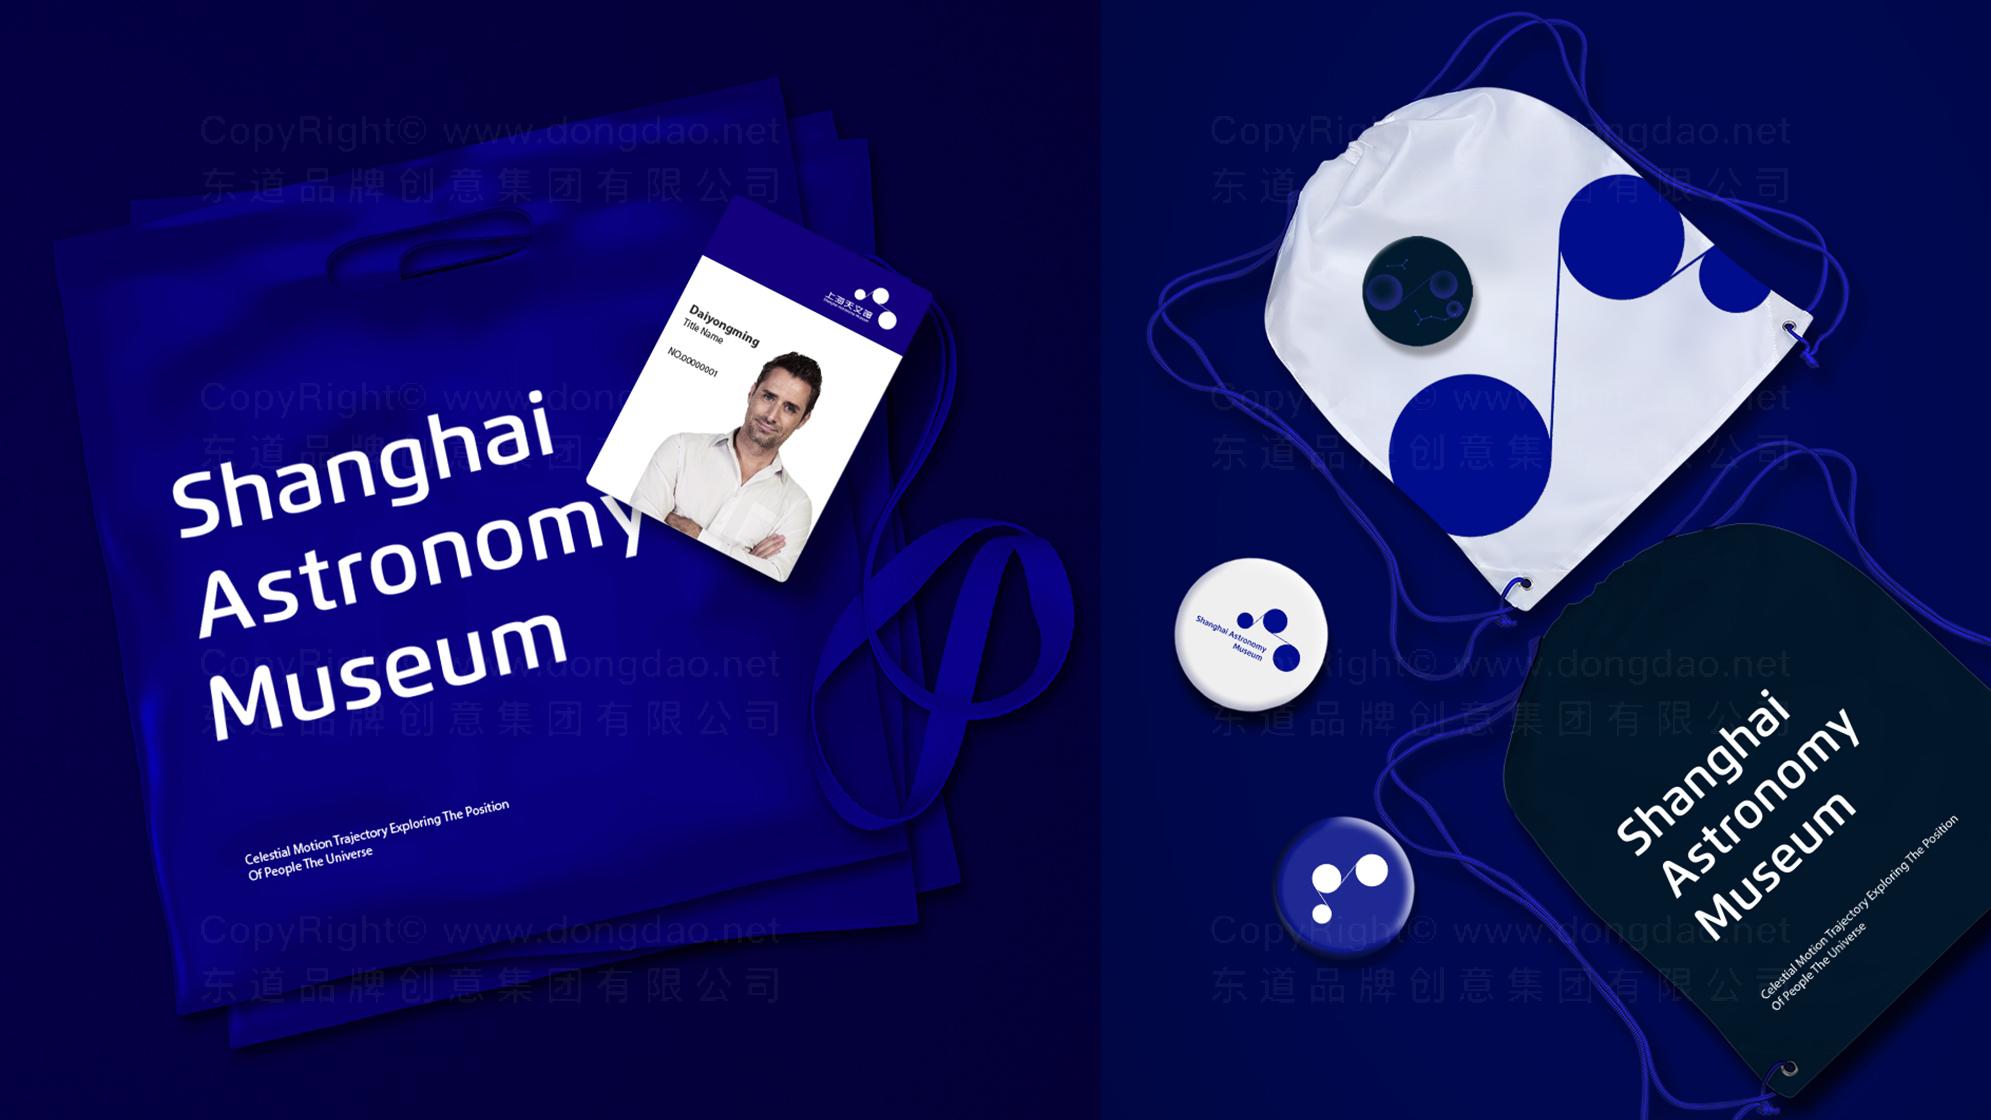 上海天文馆logo设计、vi设计应用场景_5